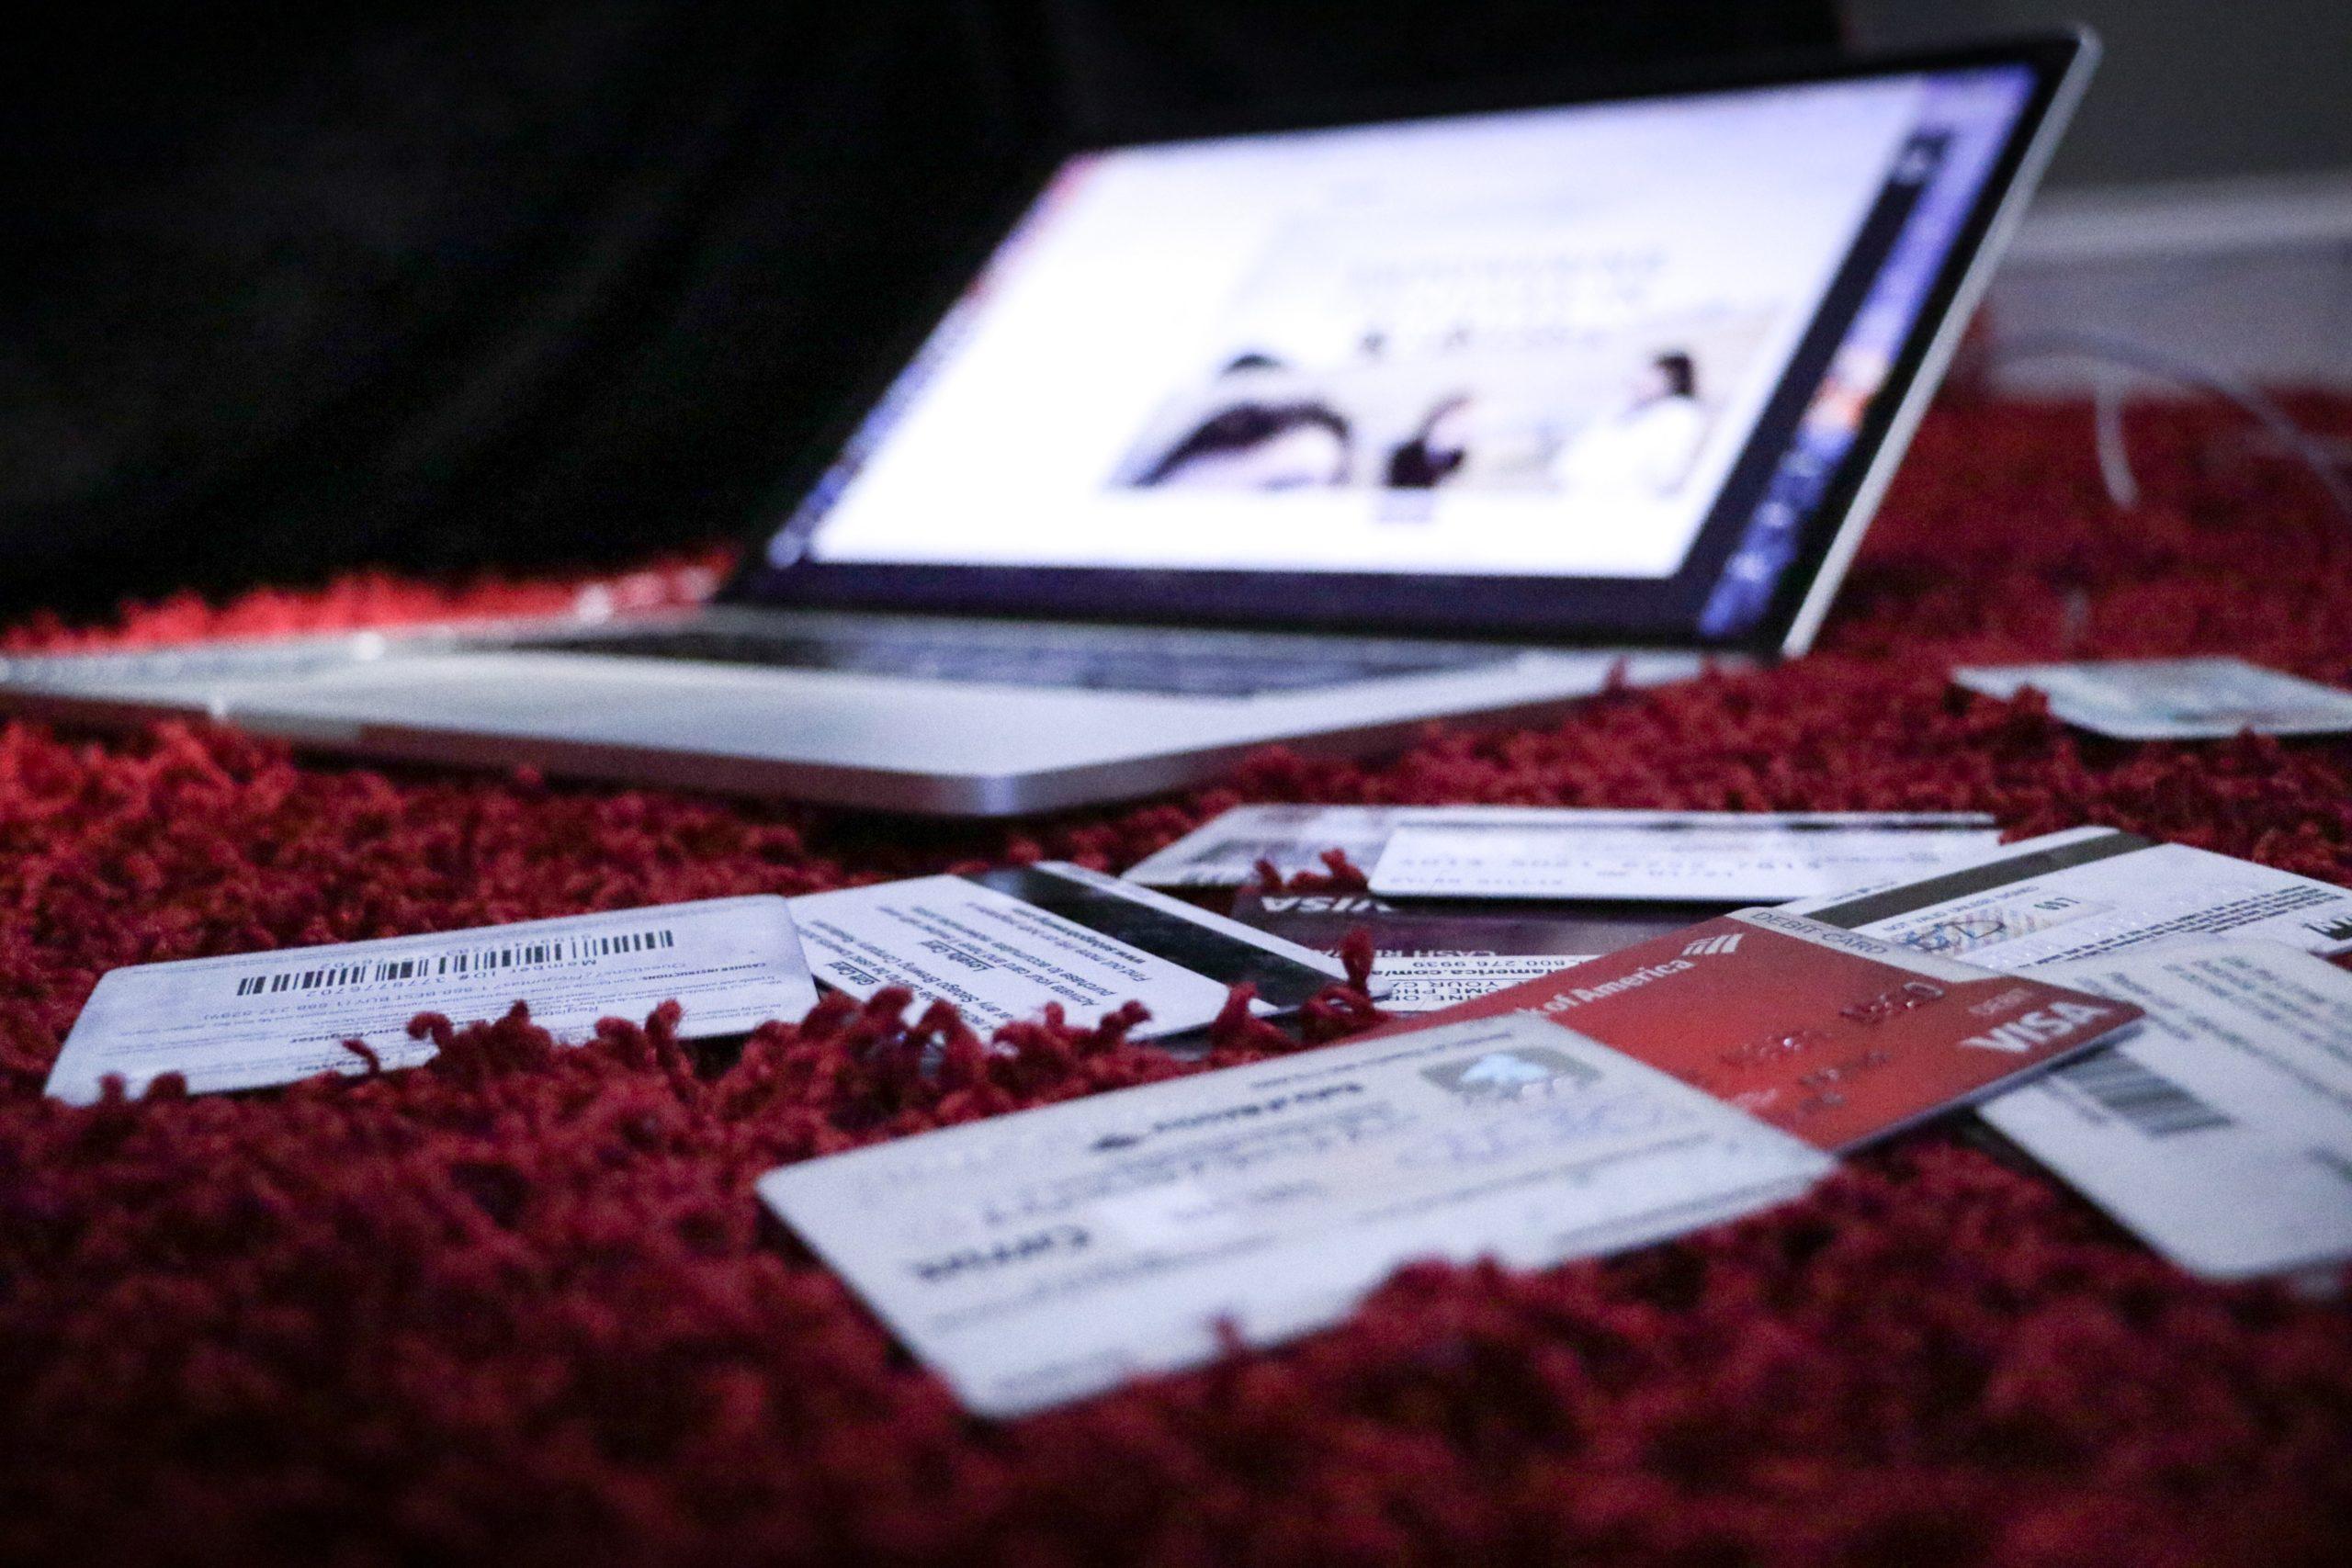 mange kredittkort kredittkortgjeld